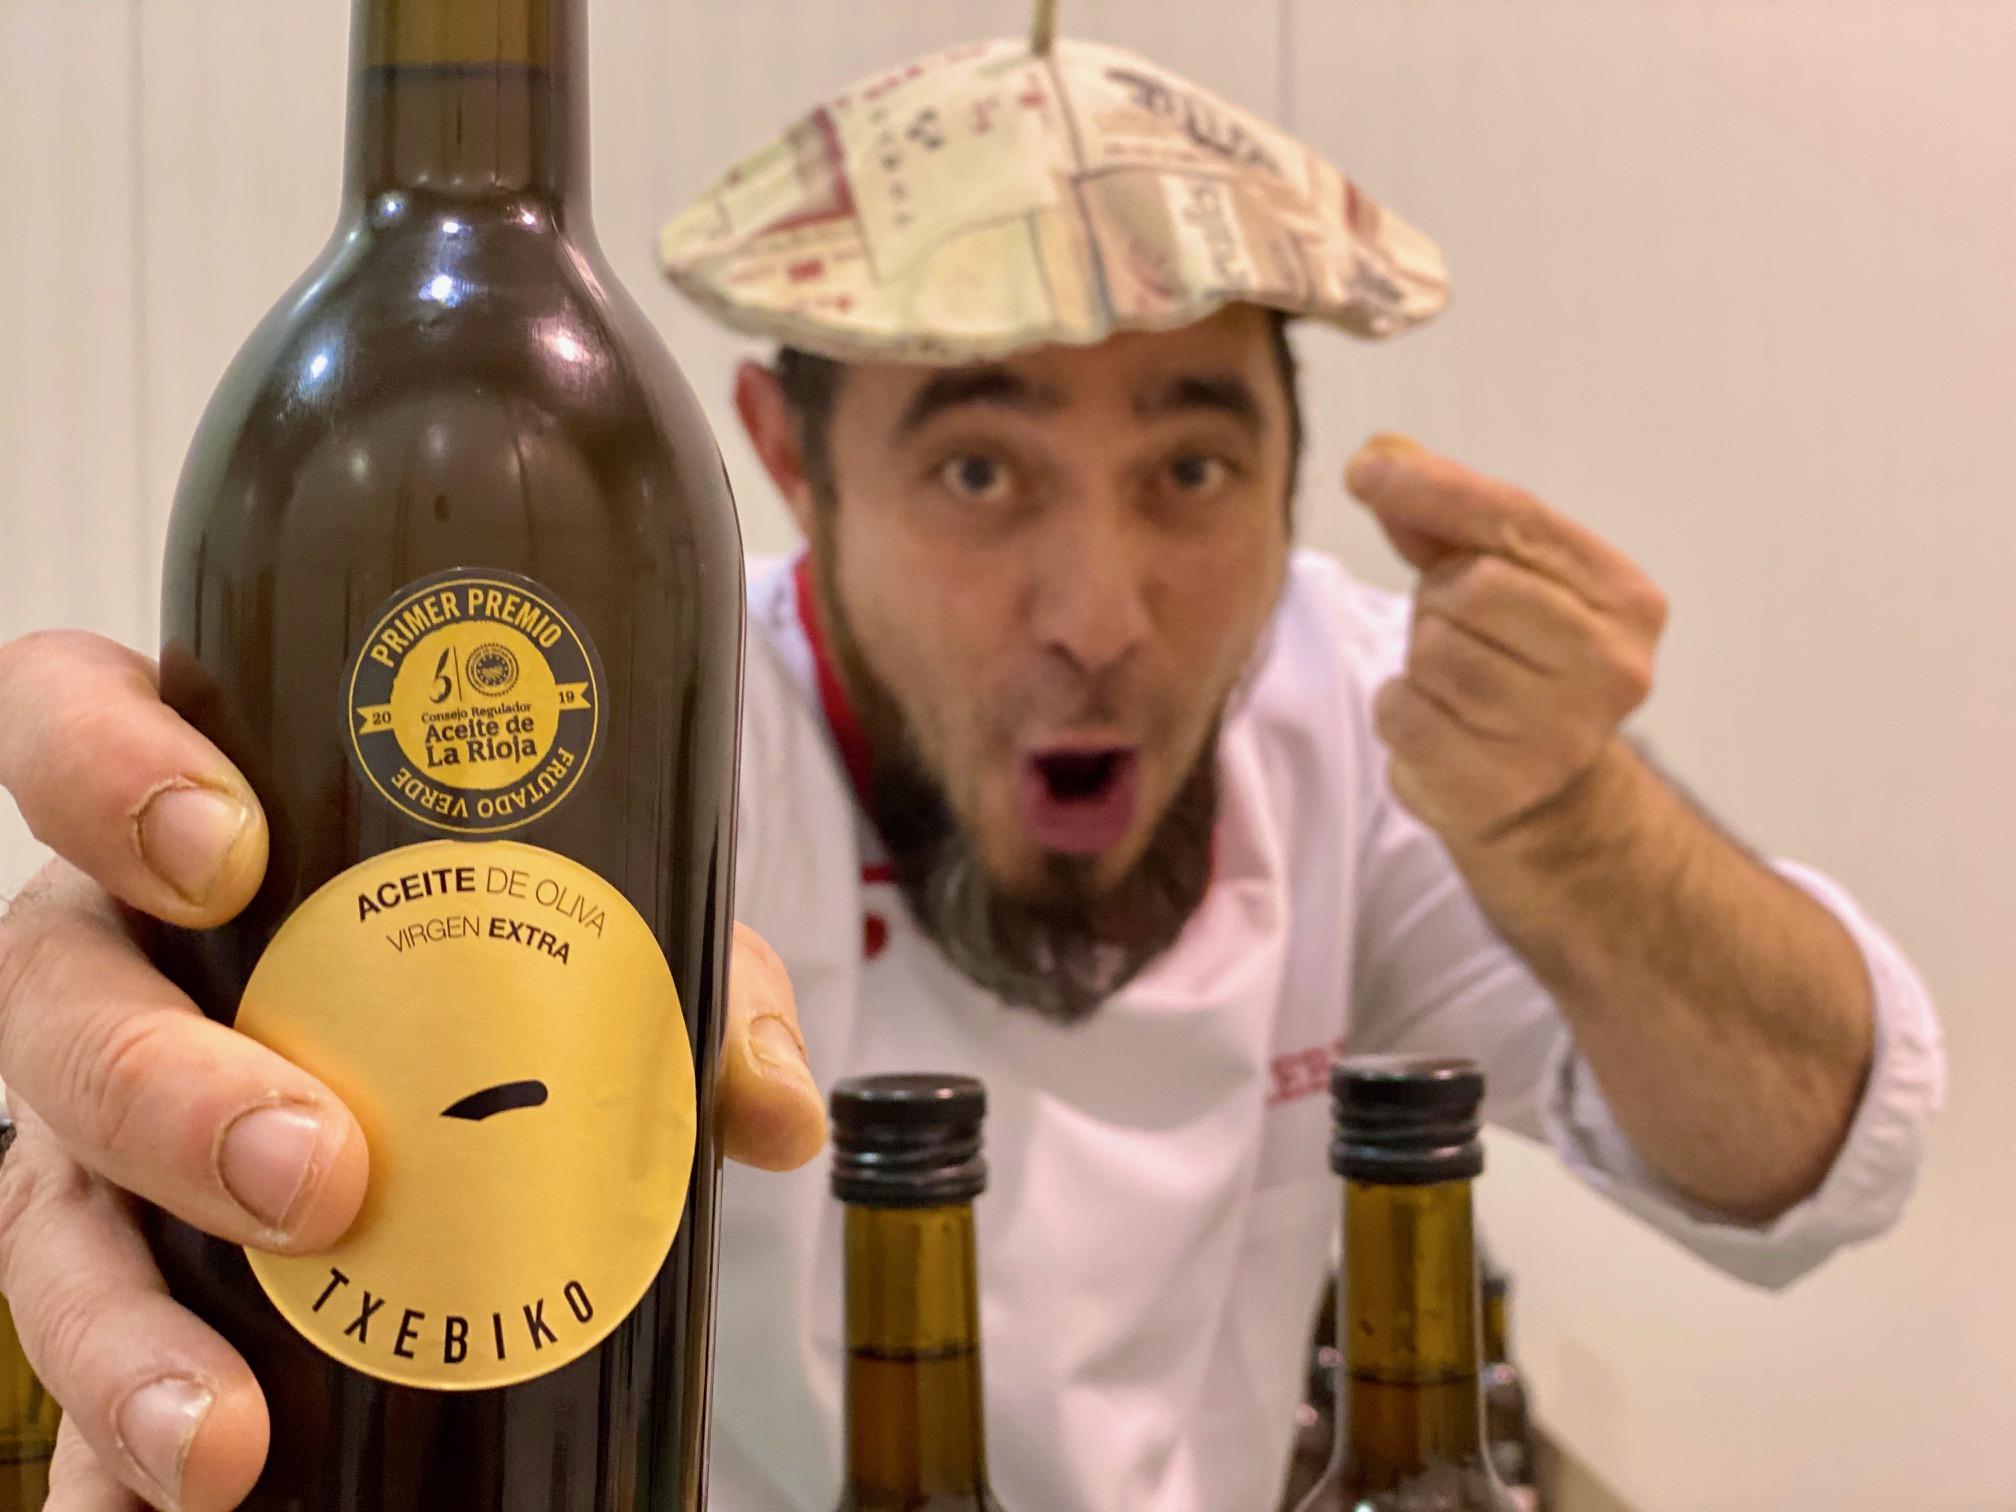 Txebiko presenta su aceite de oliva virgen extra en Infolivo